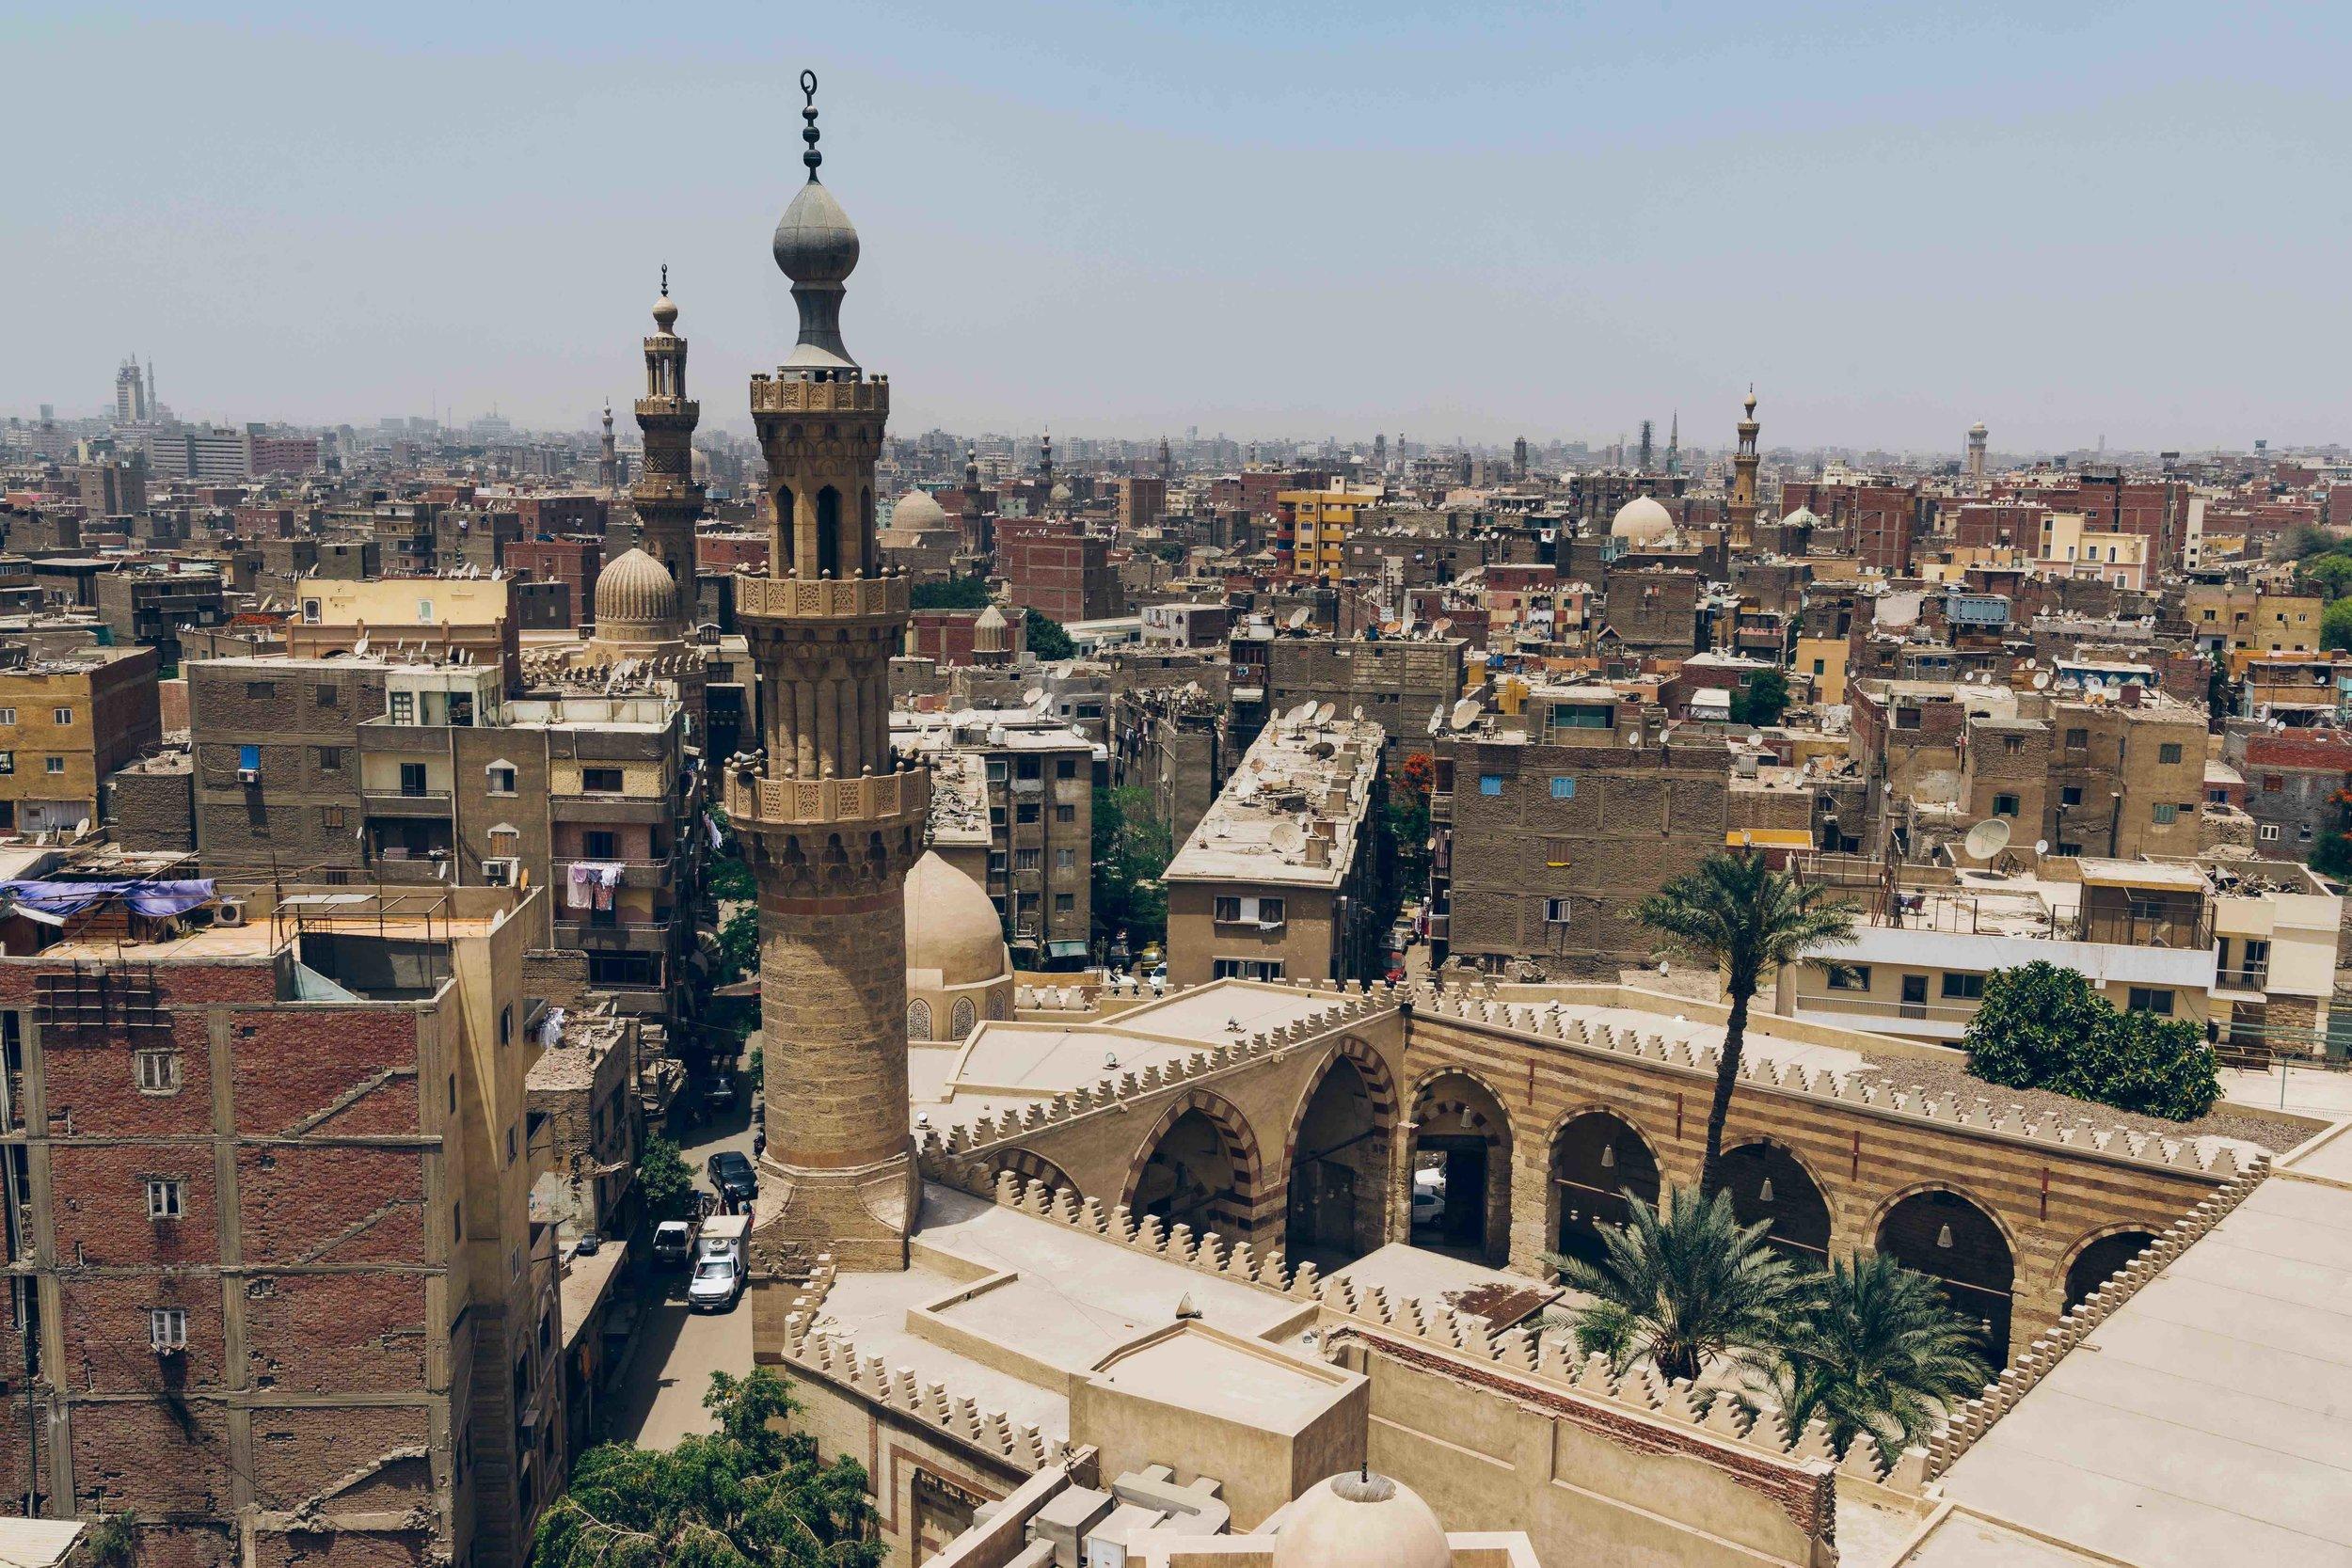 Views over al-Darb al-Ahmar